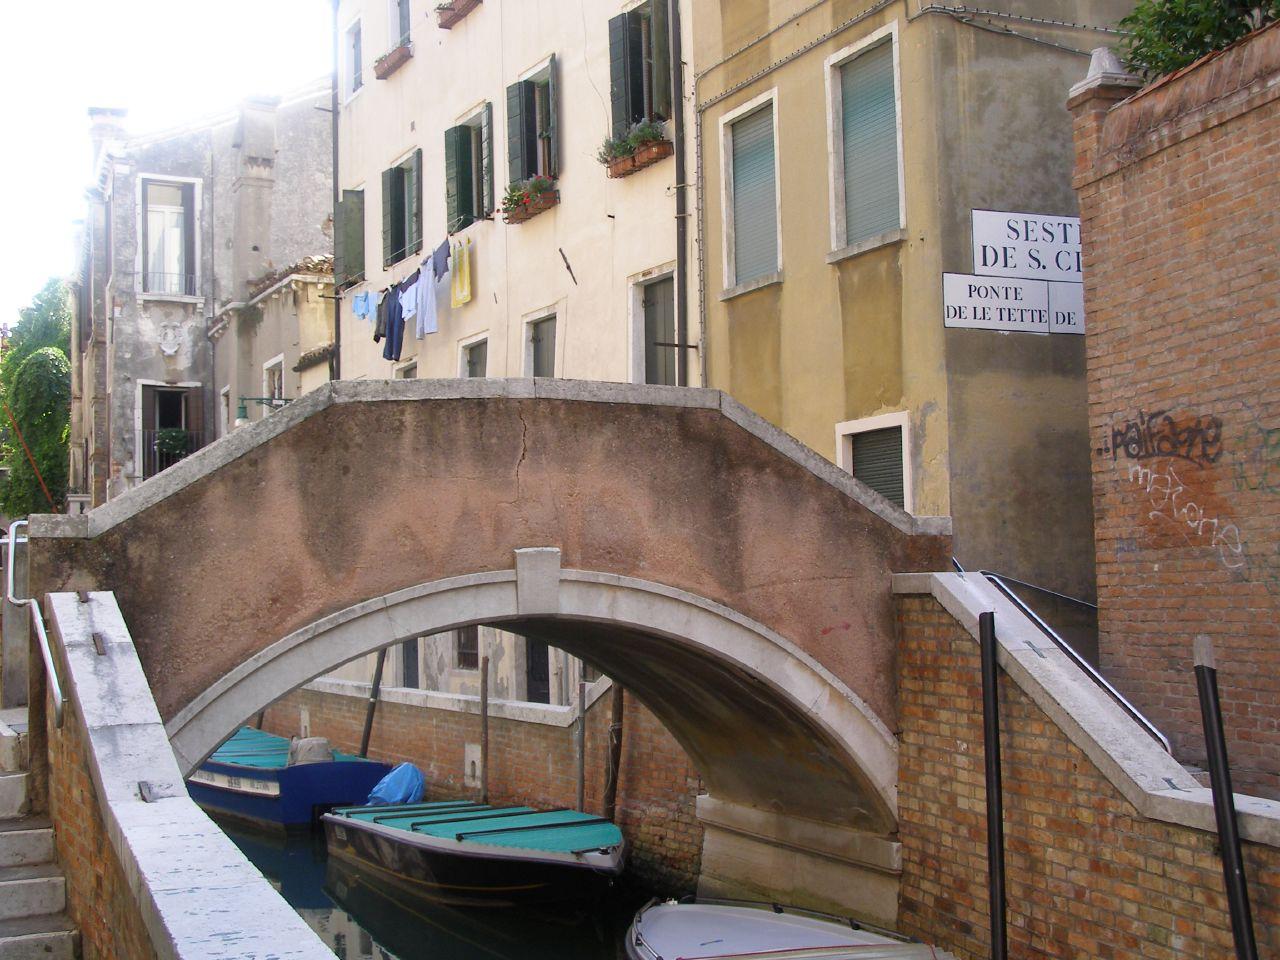 Puente de las tetas